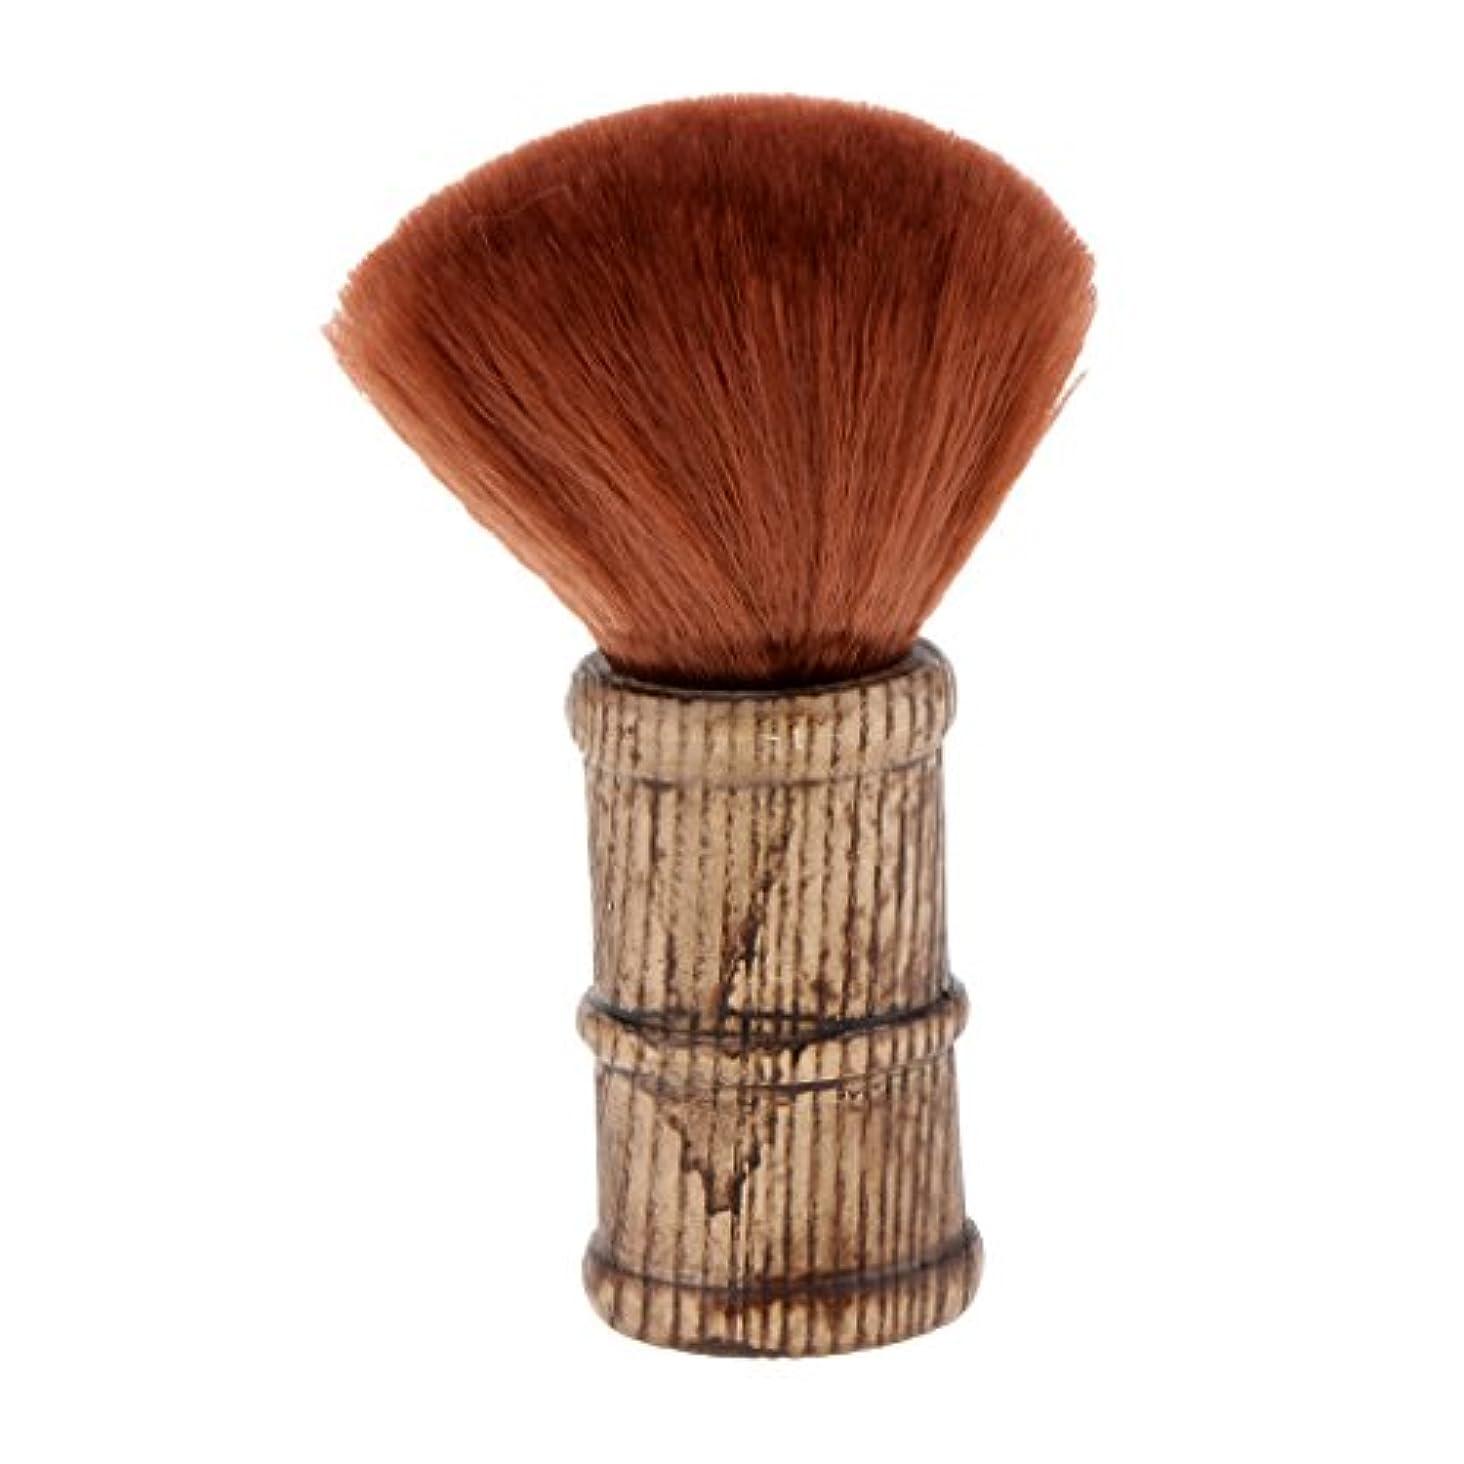 聞きます整然としたデコレーションヘアカット 散髪 クリーニングヘアブラシ ネックダスターブラシ ヘアスイープブラシ 2色選べる - 褐色